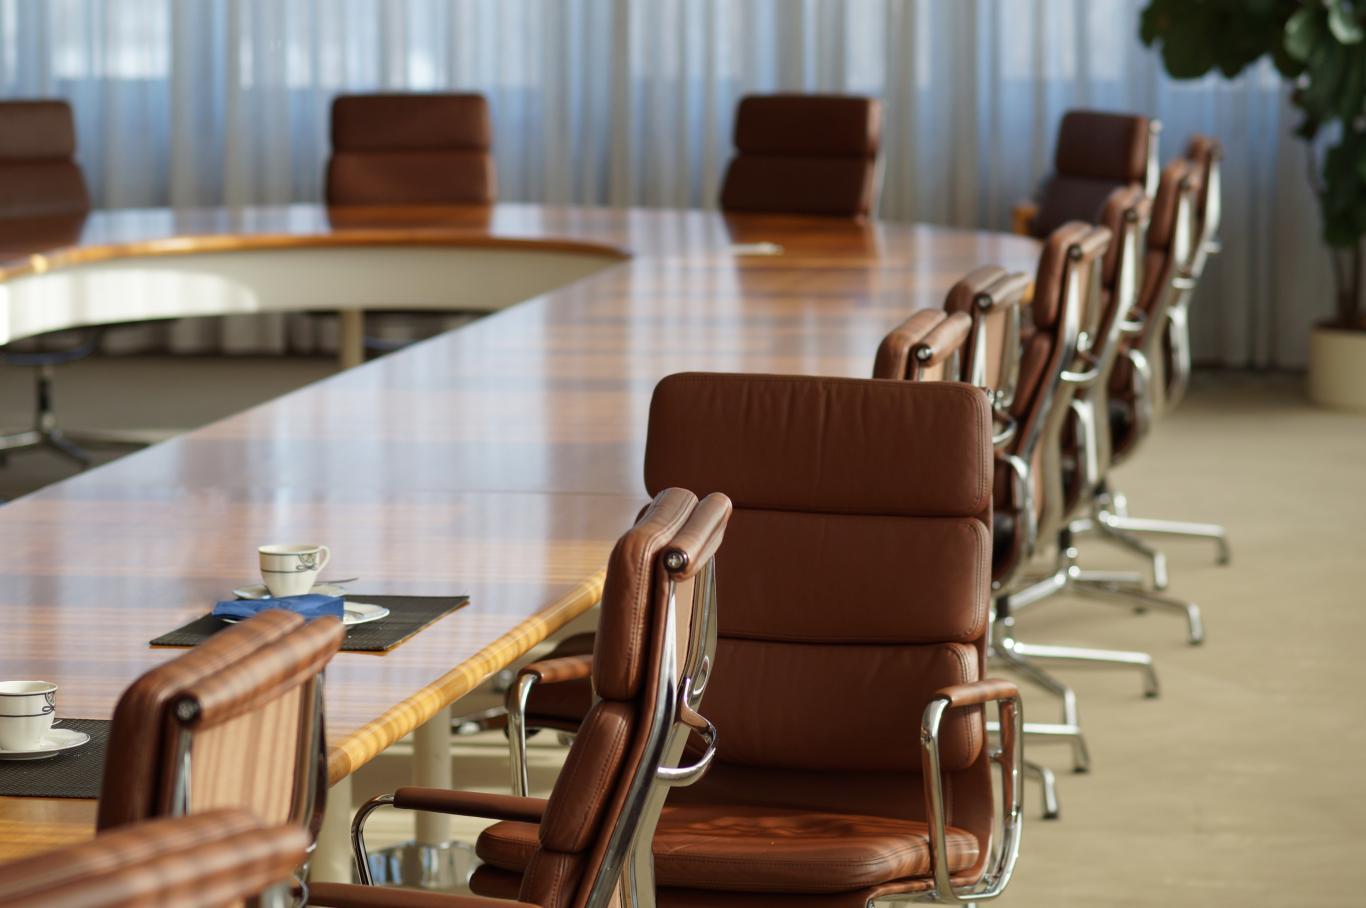 Sillones en una sala de reuniones